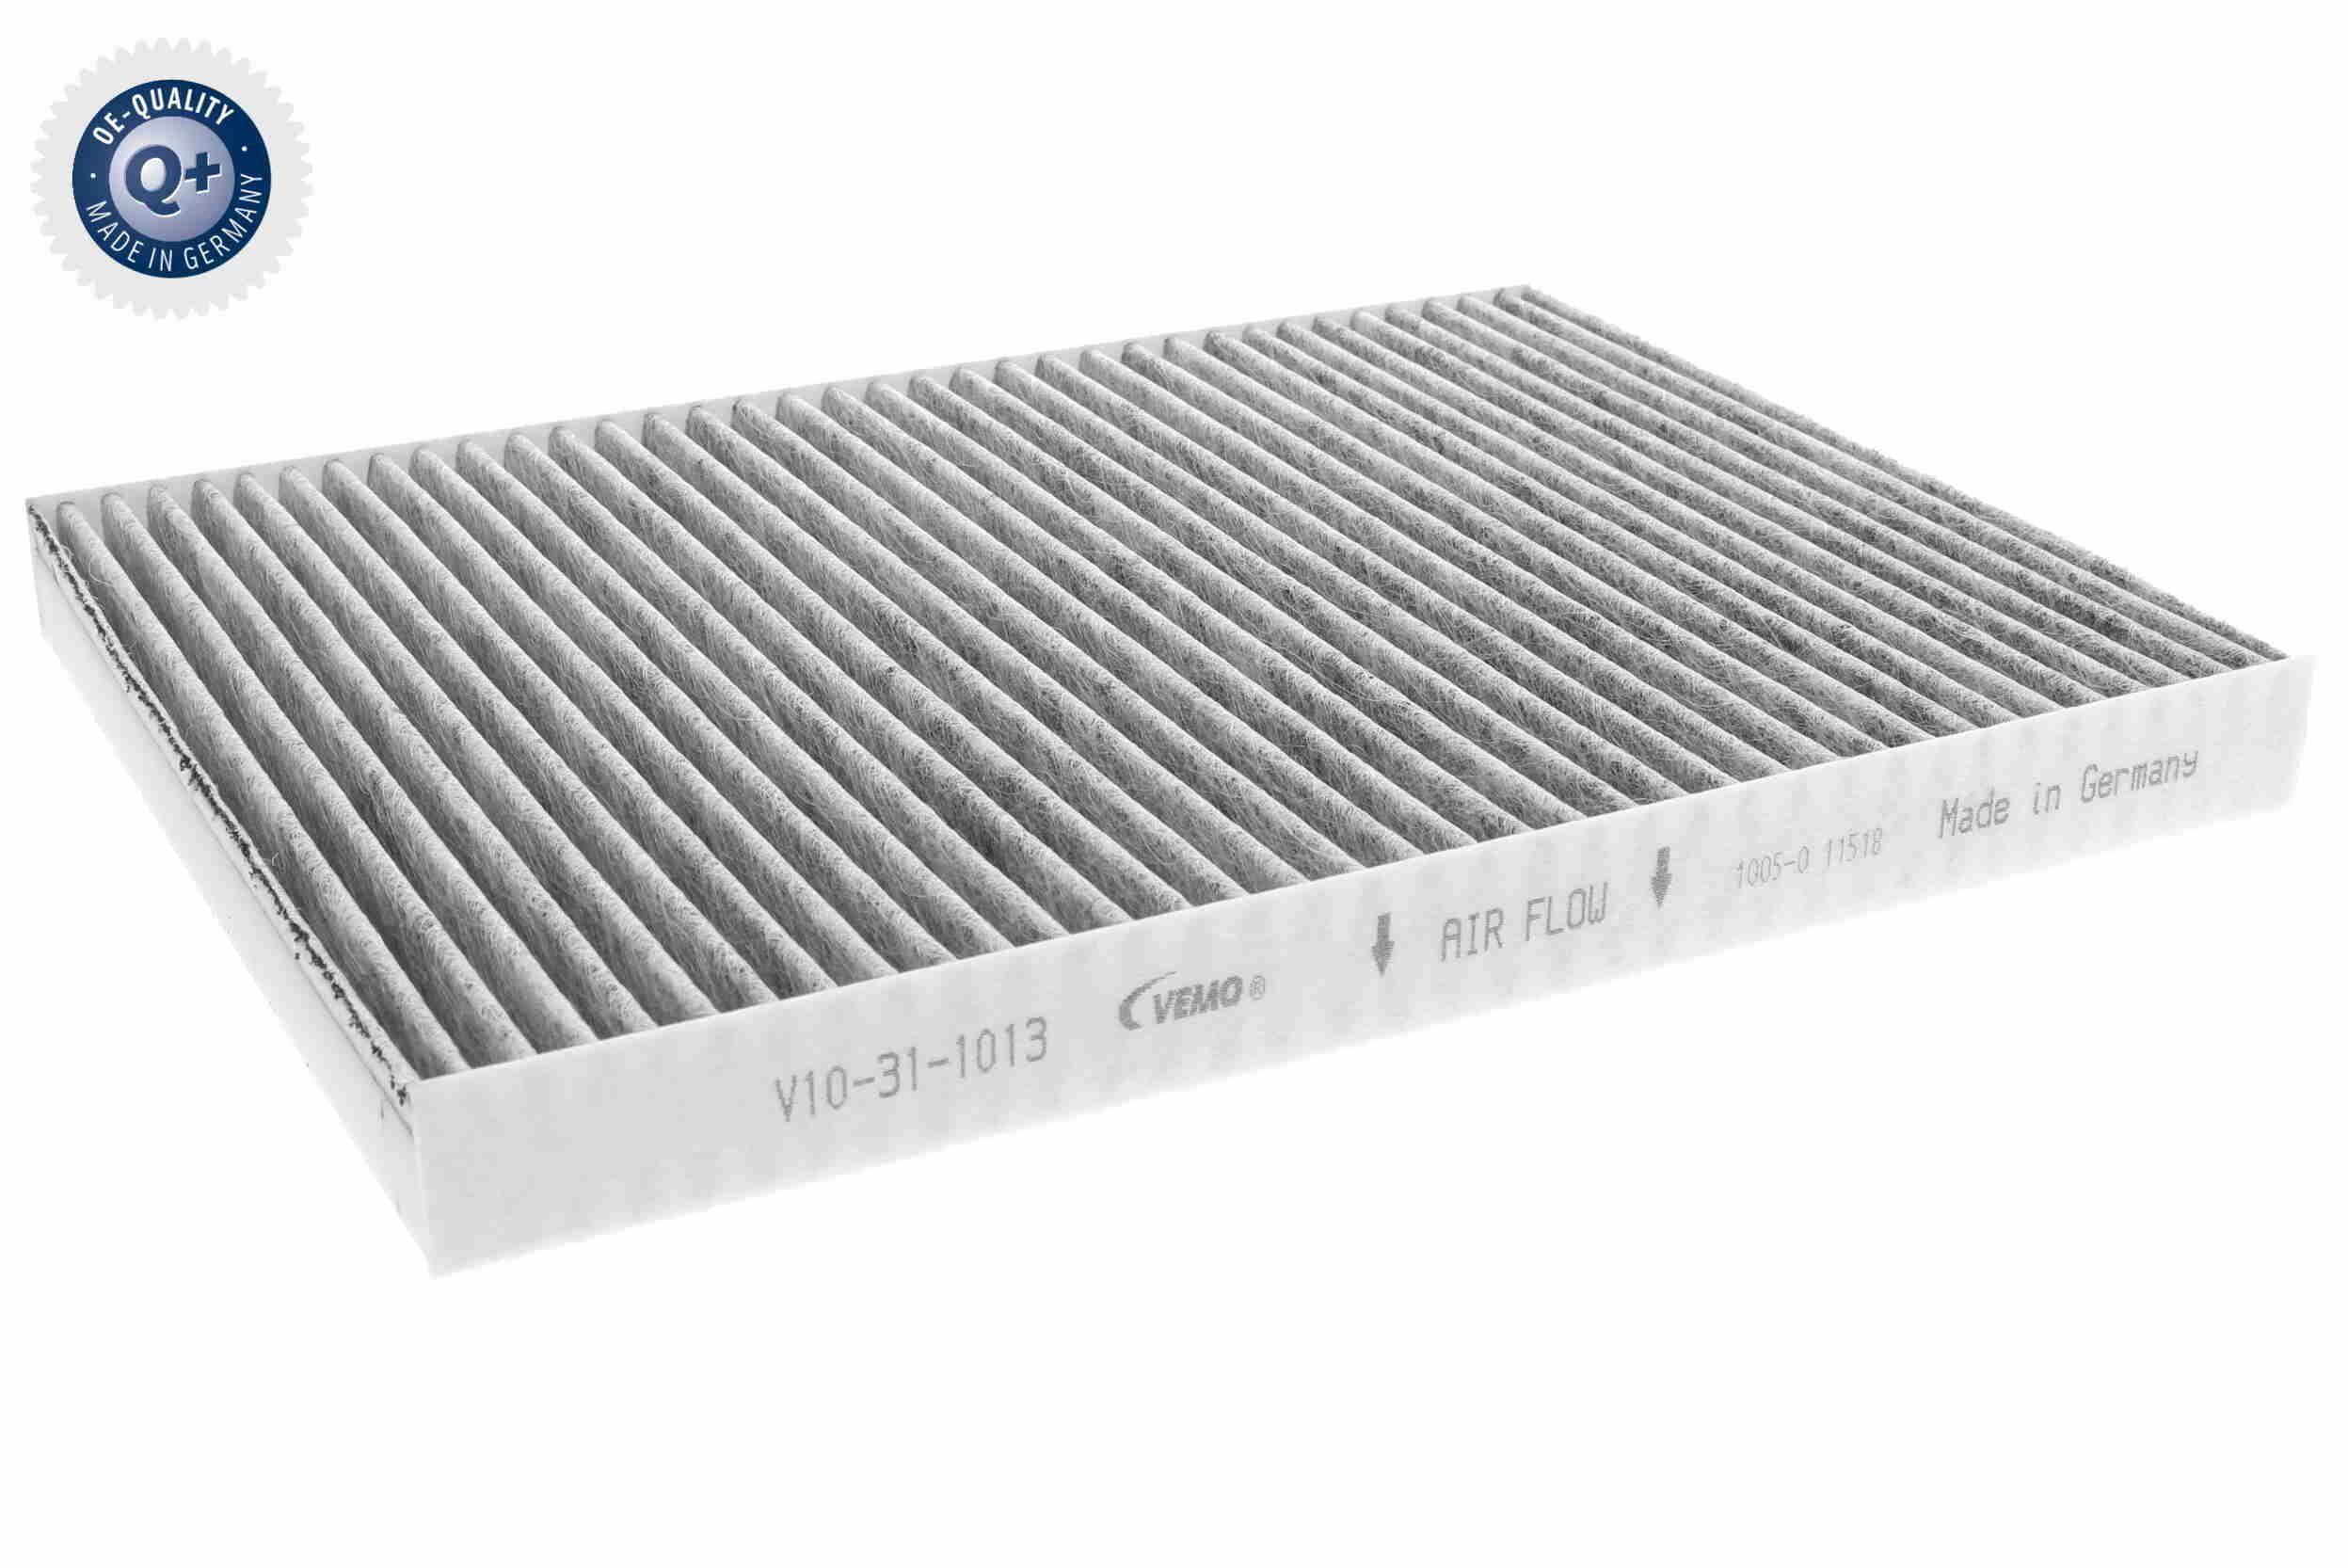 Филтър купе V10-31-1013 VEMO — само нови детайли